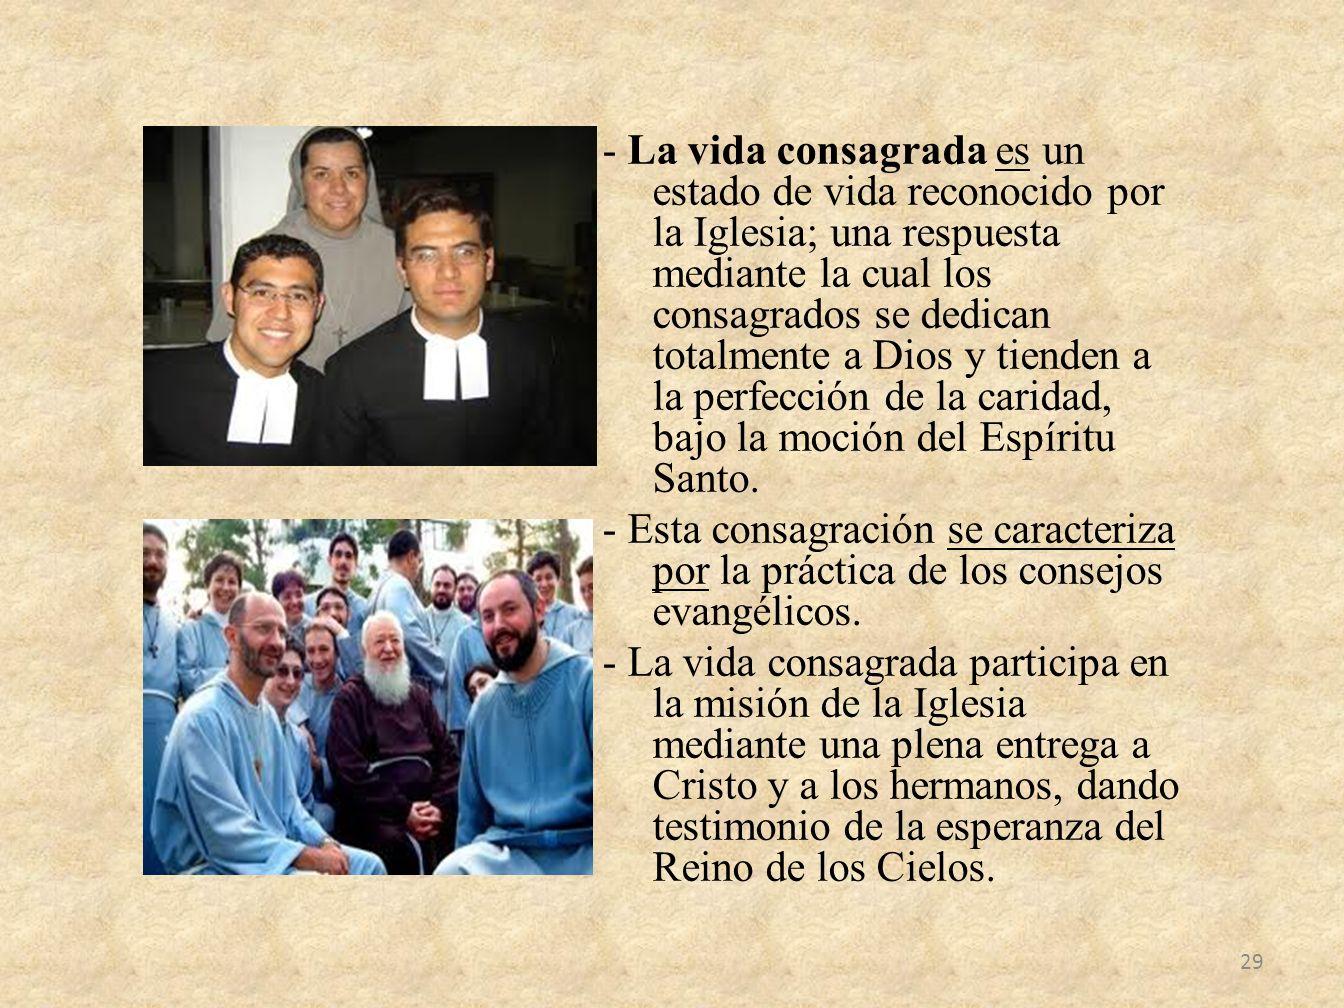 - La vida consagrada es un estado de vida reconocido por la Iglesia; una respuesta mediante la cual los consagrados se dedican totalmente a Dios y tie